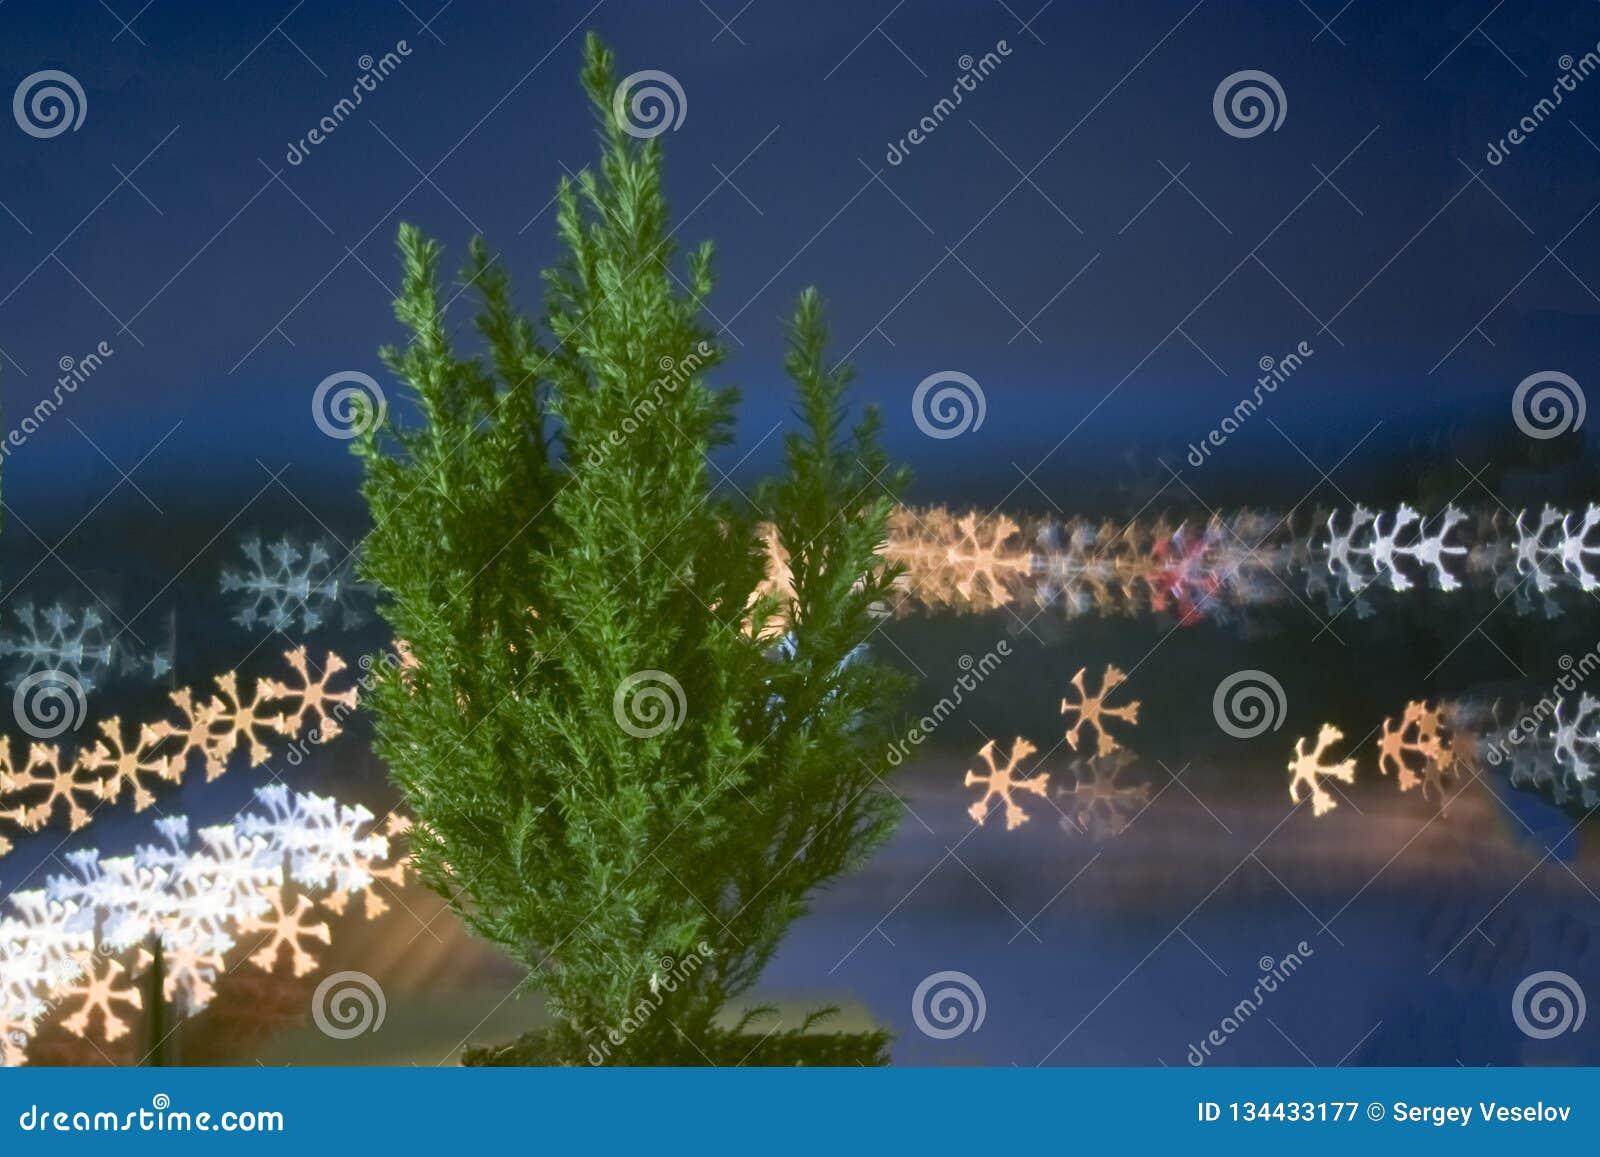 Kleine levende Kerstboom in een pot op bokehachtergrond bokeh sneeuwvlok